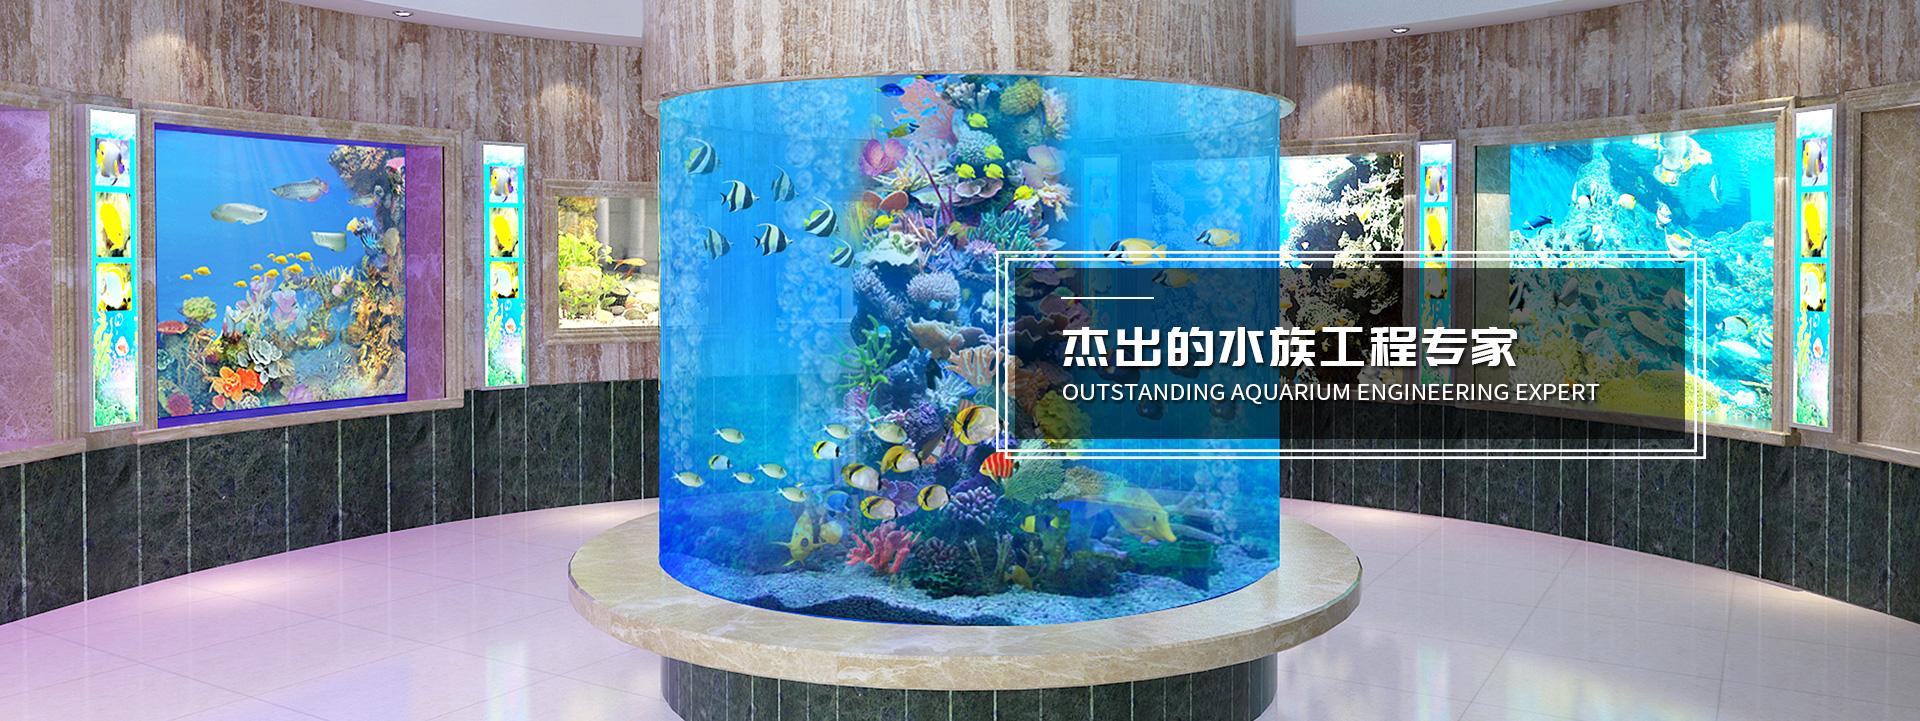 上海亚克力米乐体育手机版定制/养护